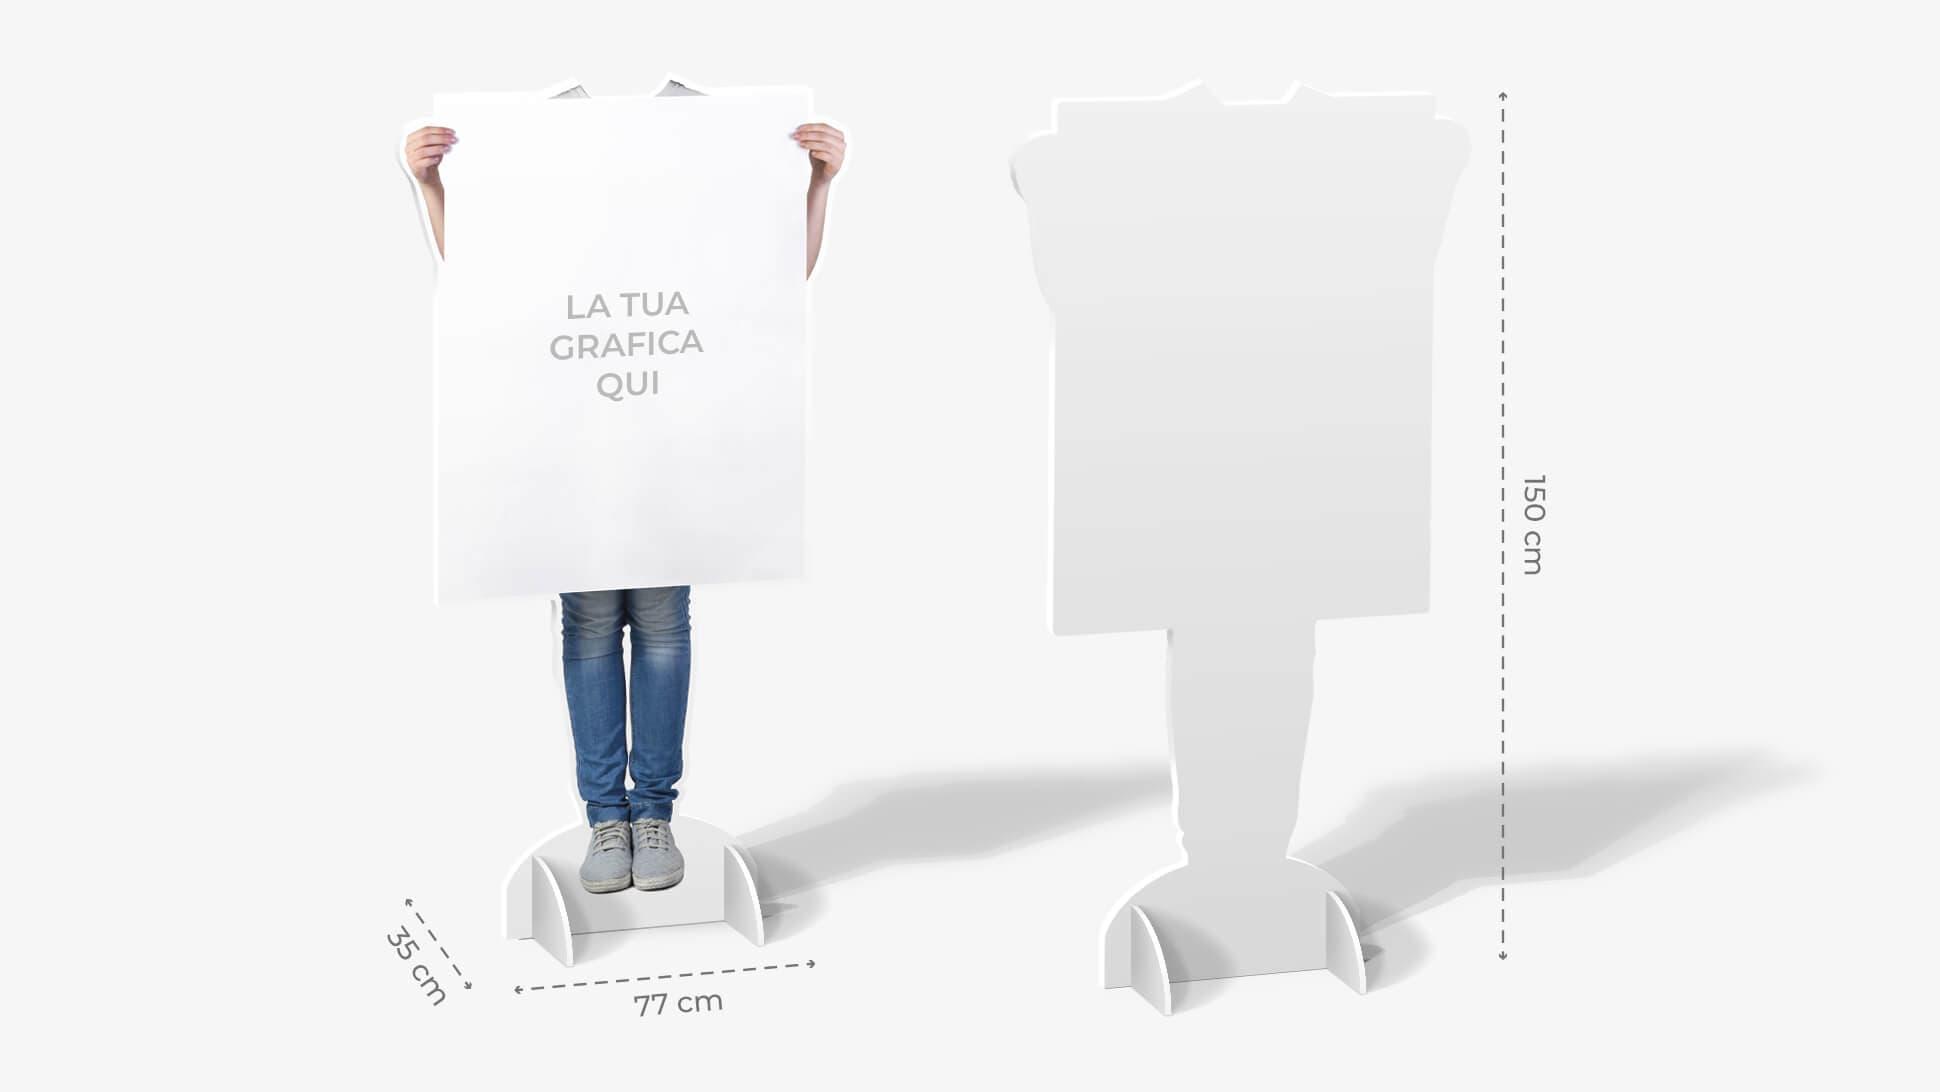 Sagome prestampate autoportanti in polionda con ragazzo in jeans | tictac.it